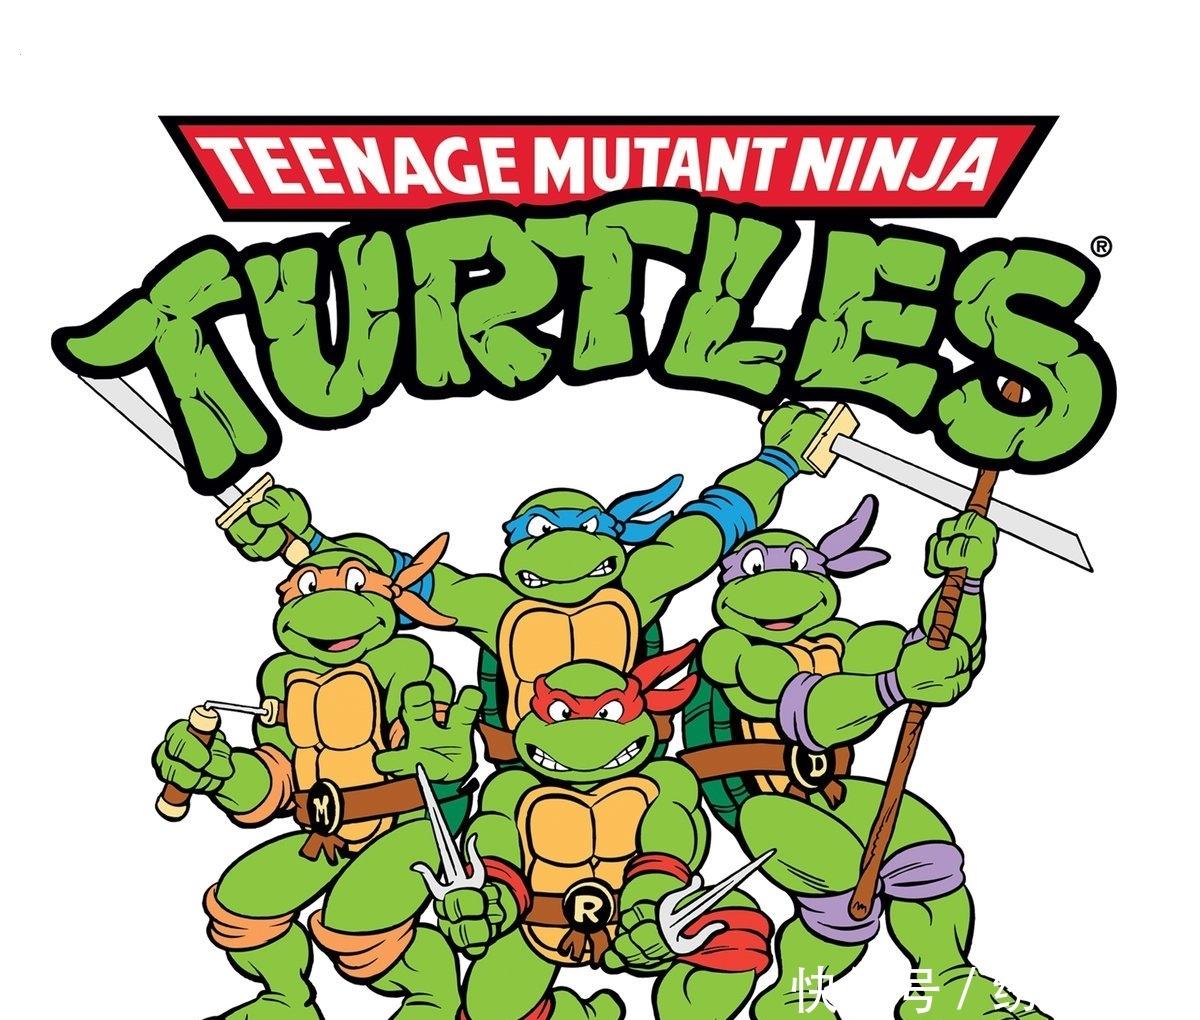 忍者漫画新神龟卖断货!因为首次进击了一个女巨人季出现第二漫画图片